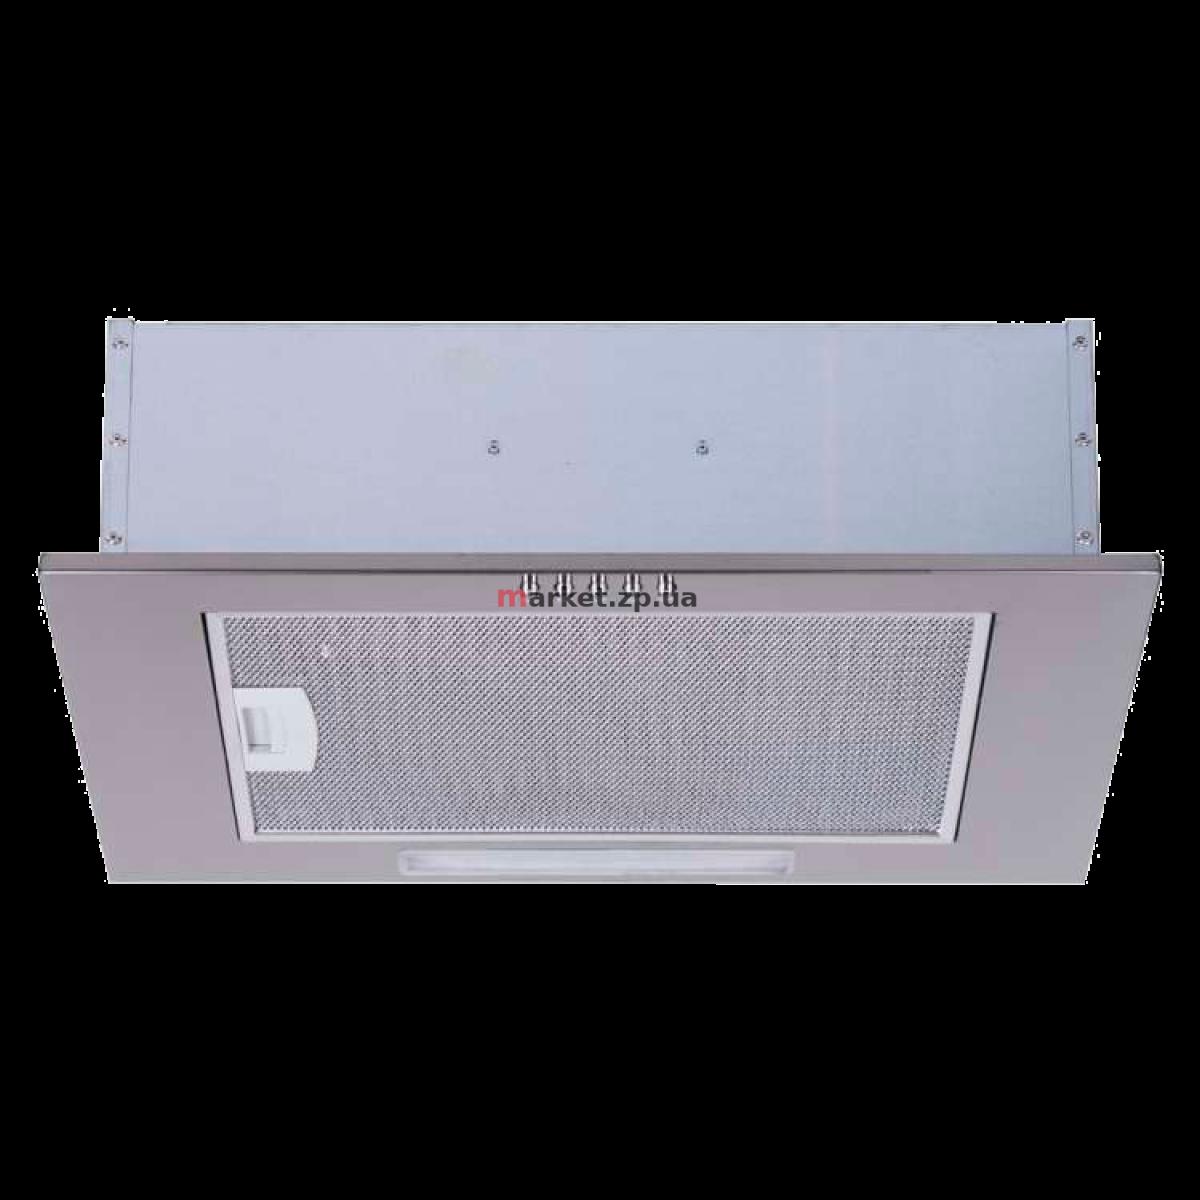 Вытяжка VENTOLUX BOX 60 INOX (650) PB